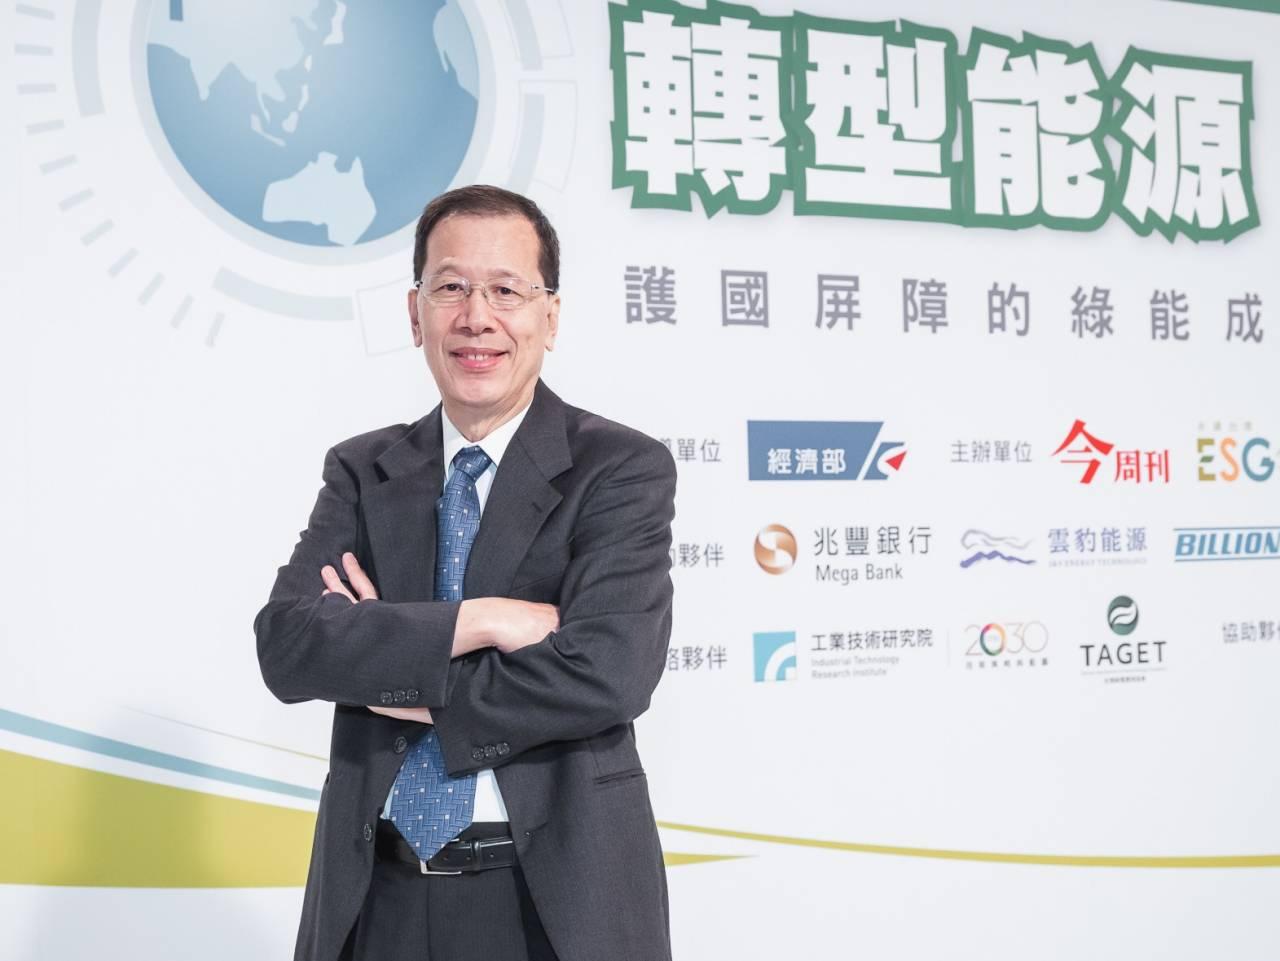 踏出能源舒適圈 以新興科技打造永續家園,台灣的碳關稅科技策略